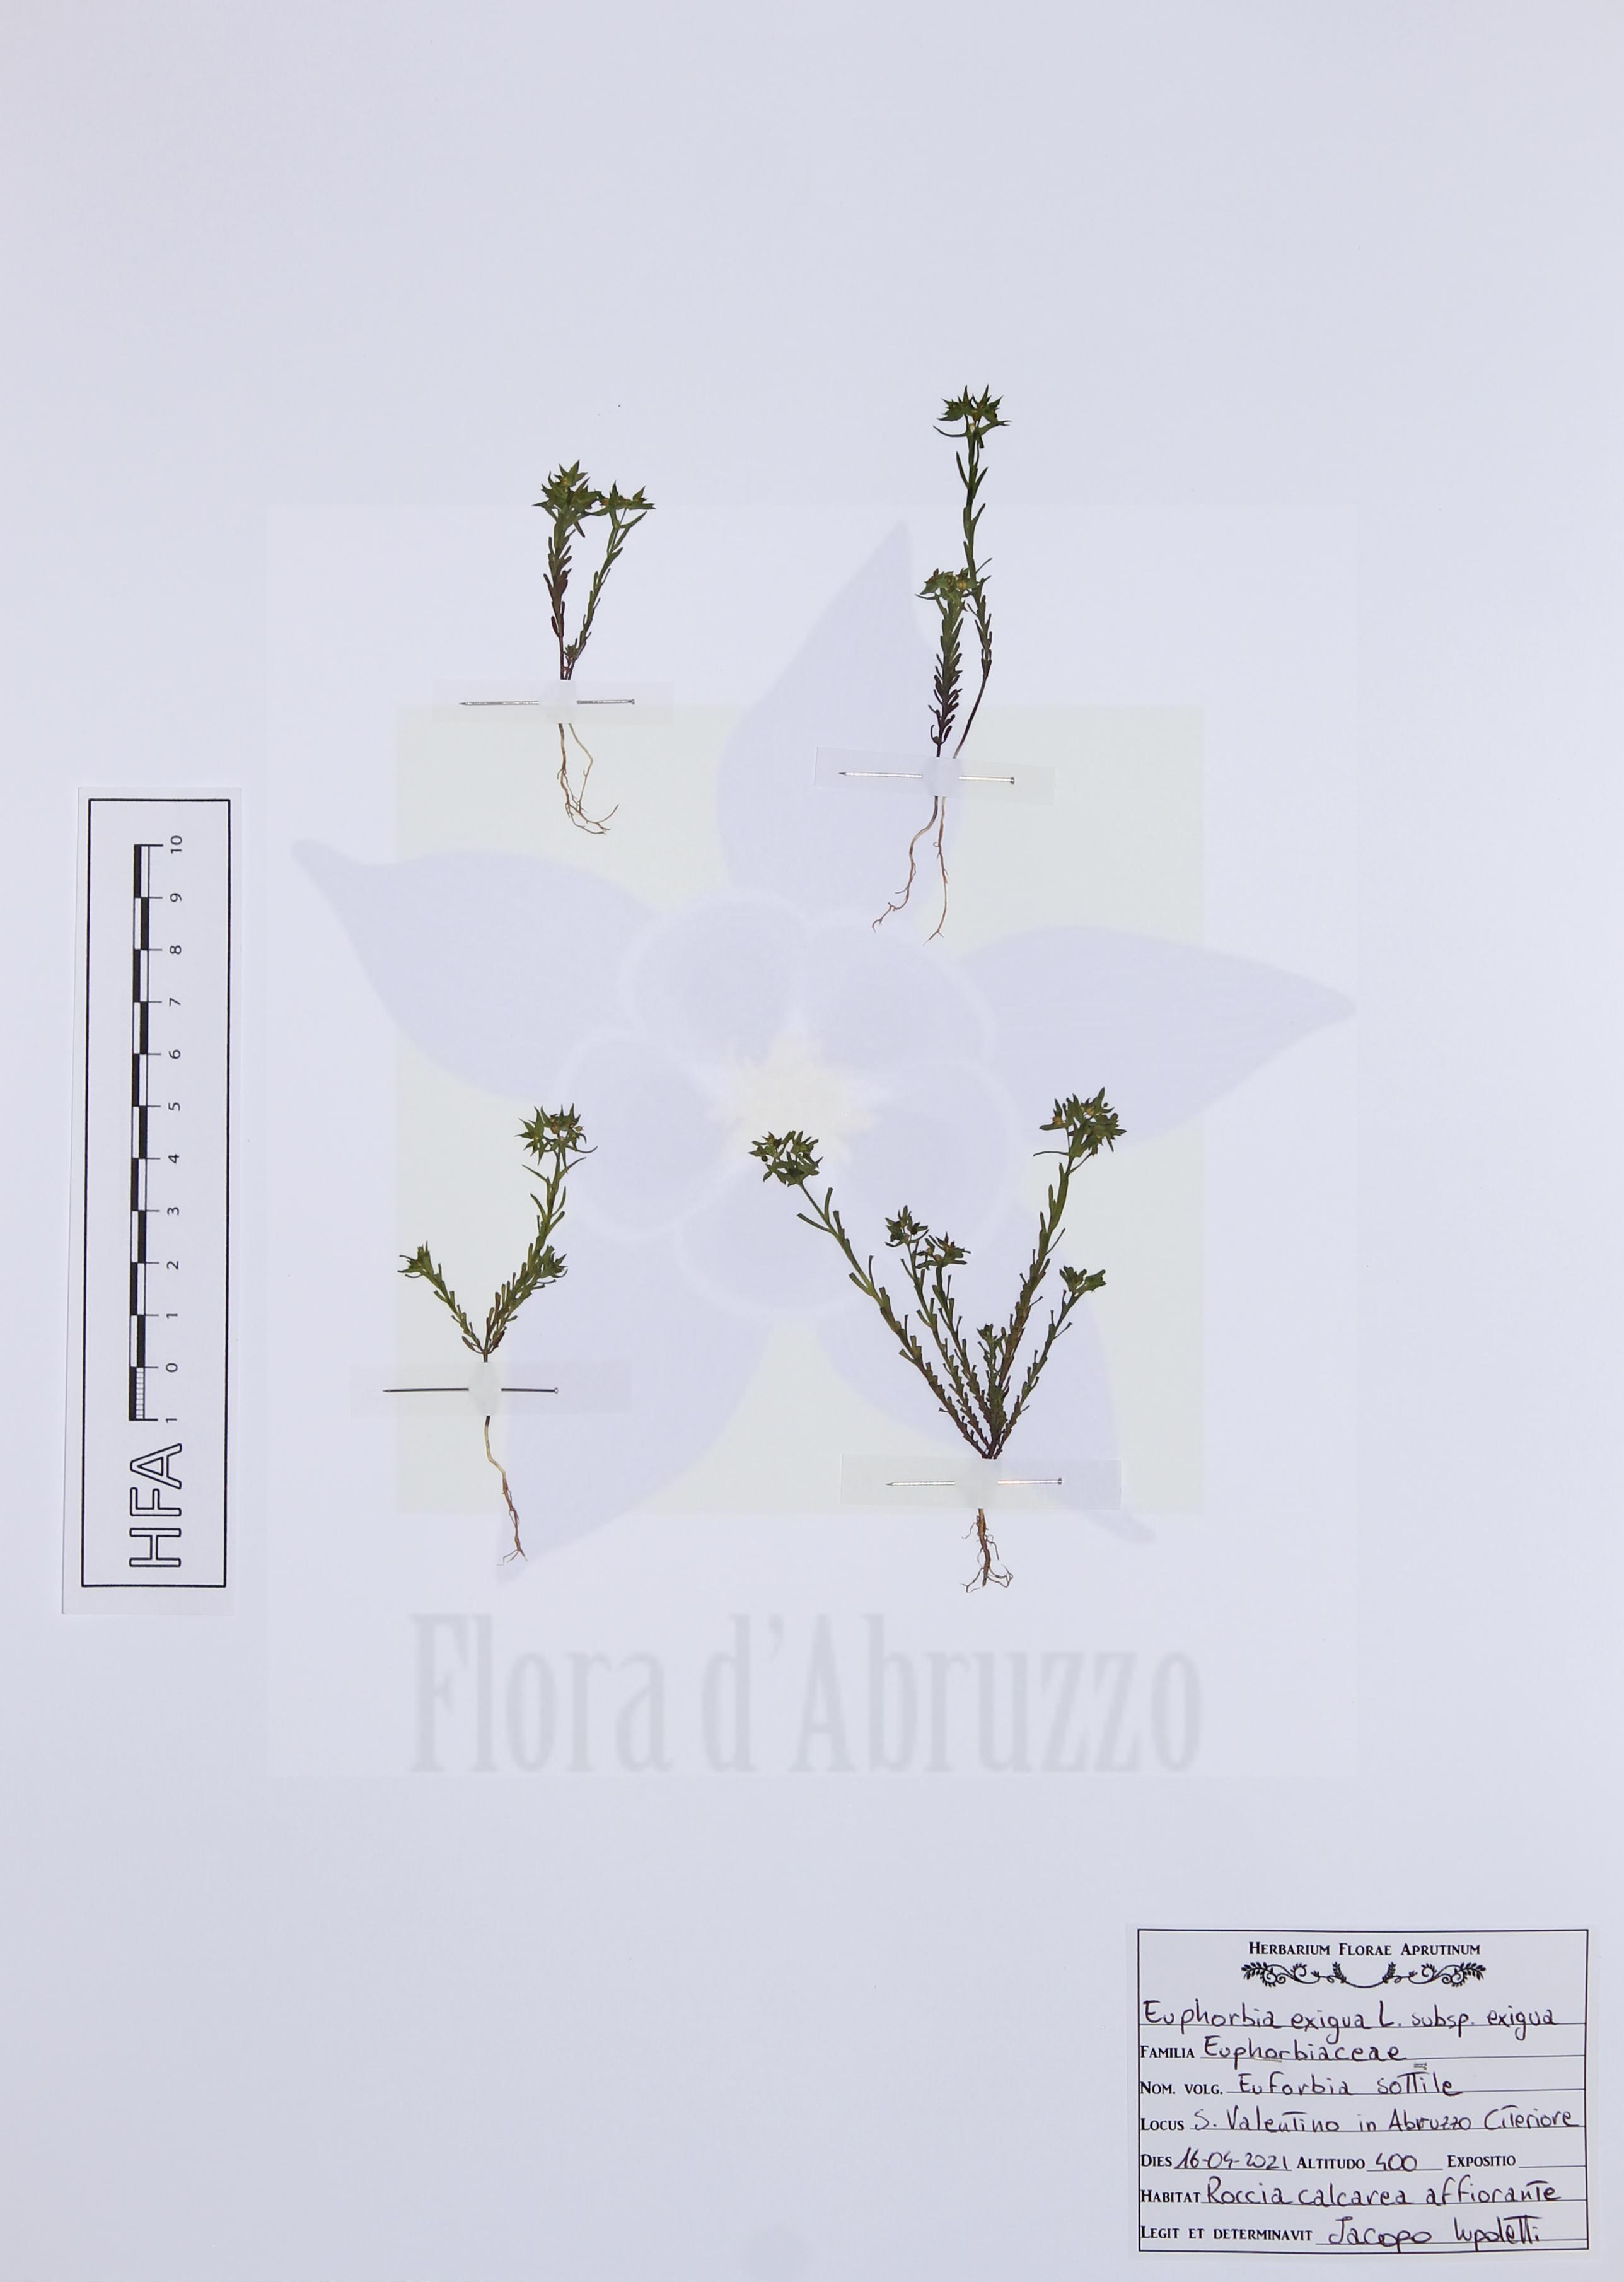 Euphorbia exigua L. subsp. exigua